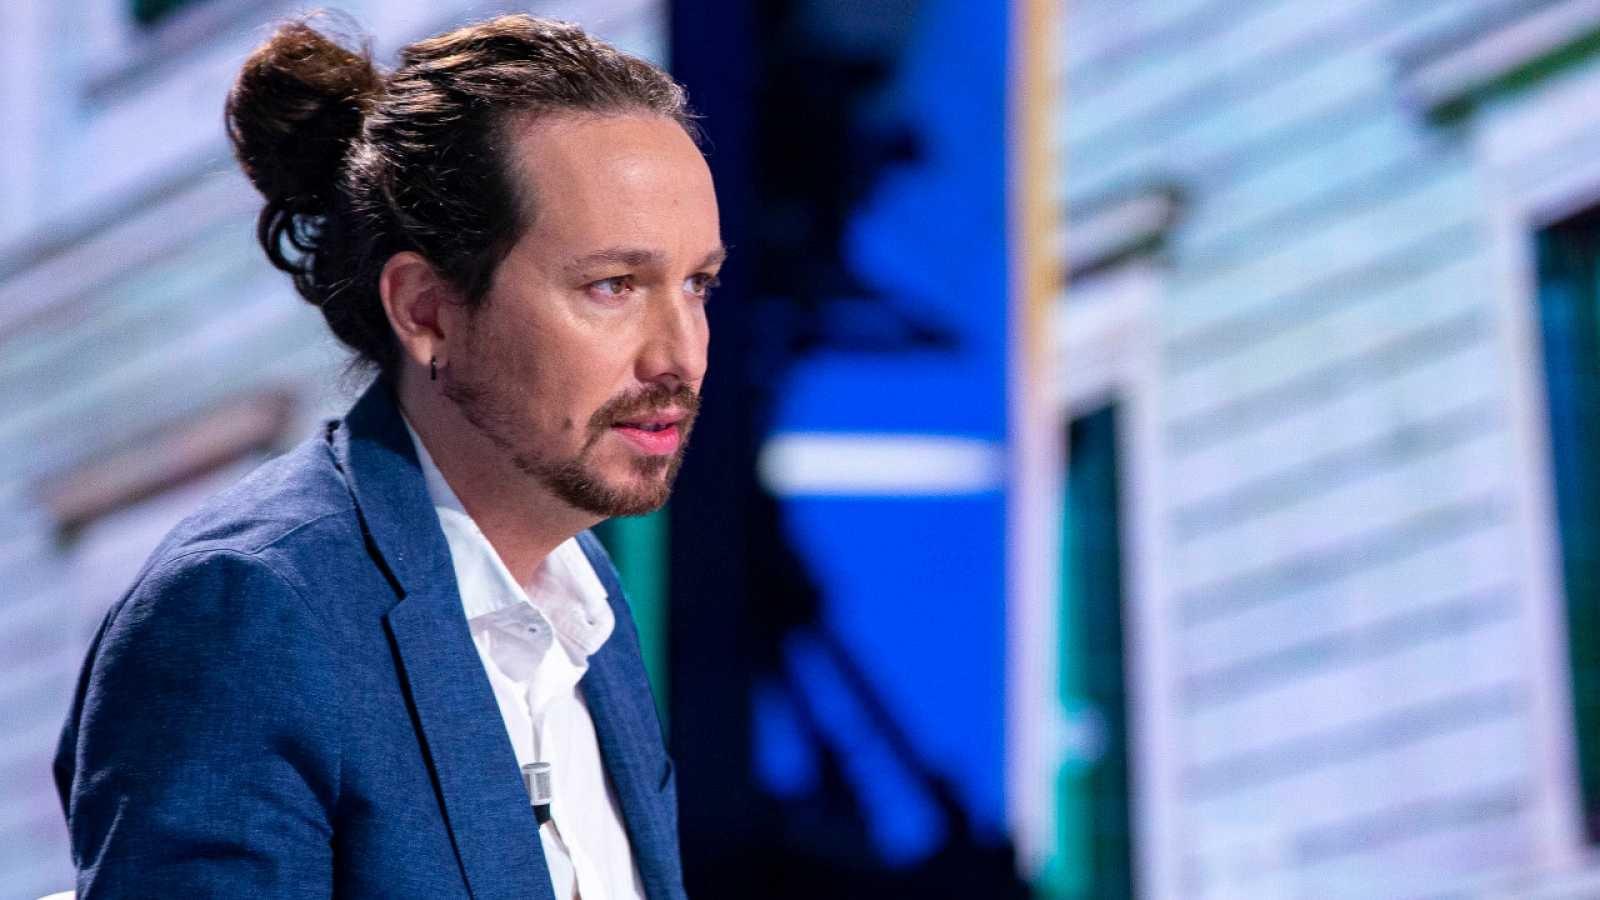 El líder de Podemos, Pablo Iglesias, en una entrevista en La 1 de TVE en septiembre de 2020 | RTVE/Archivo